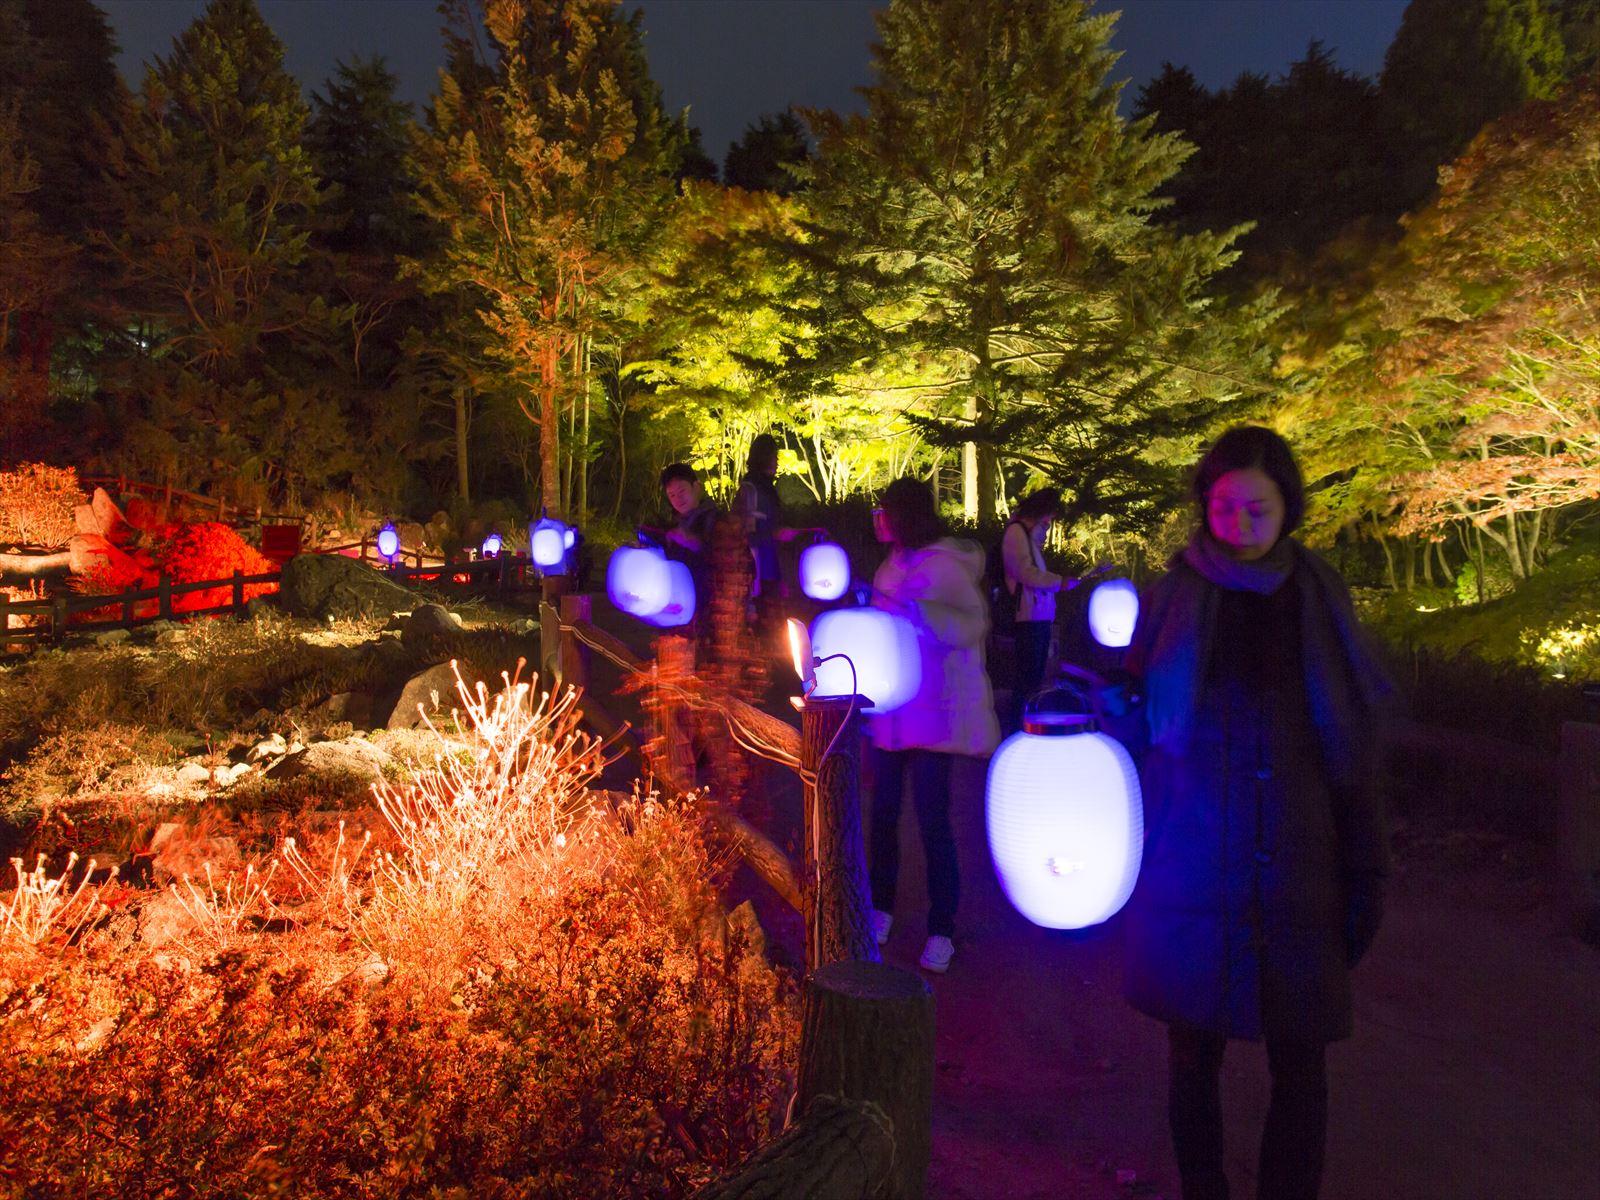 Kota高桥≪在六甲灯笼游行景观中的夜花园项目≫ 2016六甲高山植物园